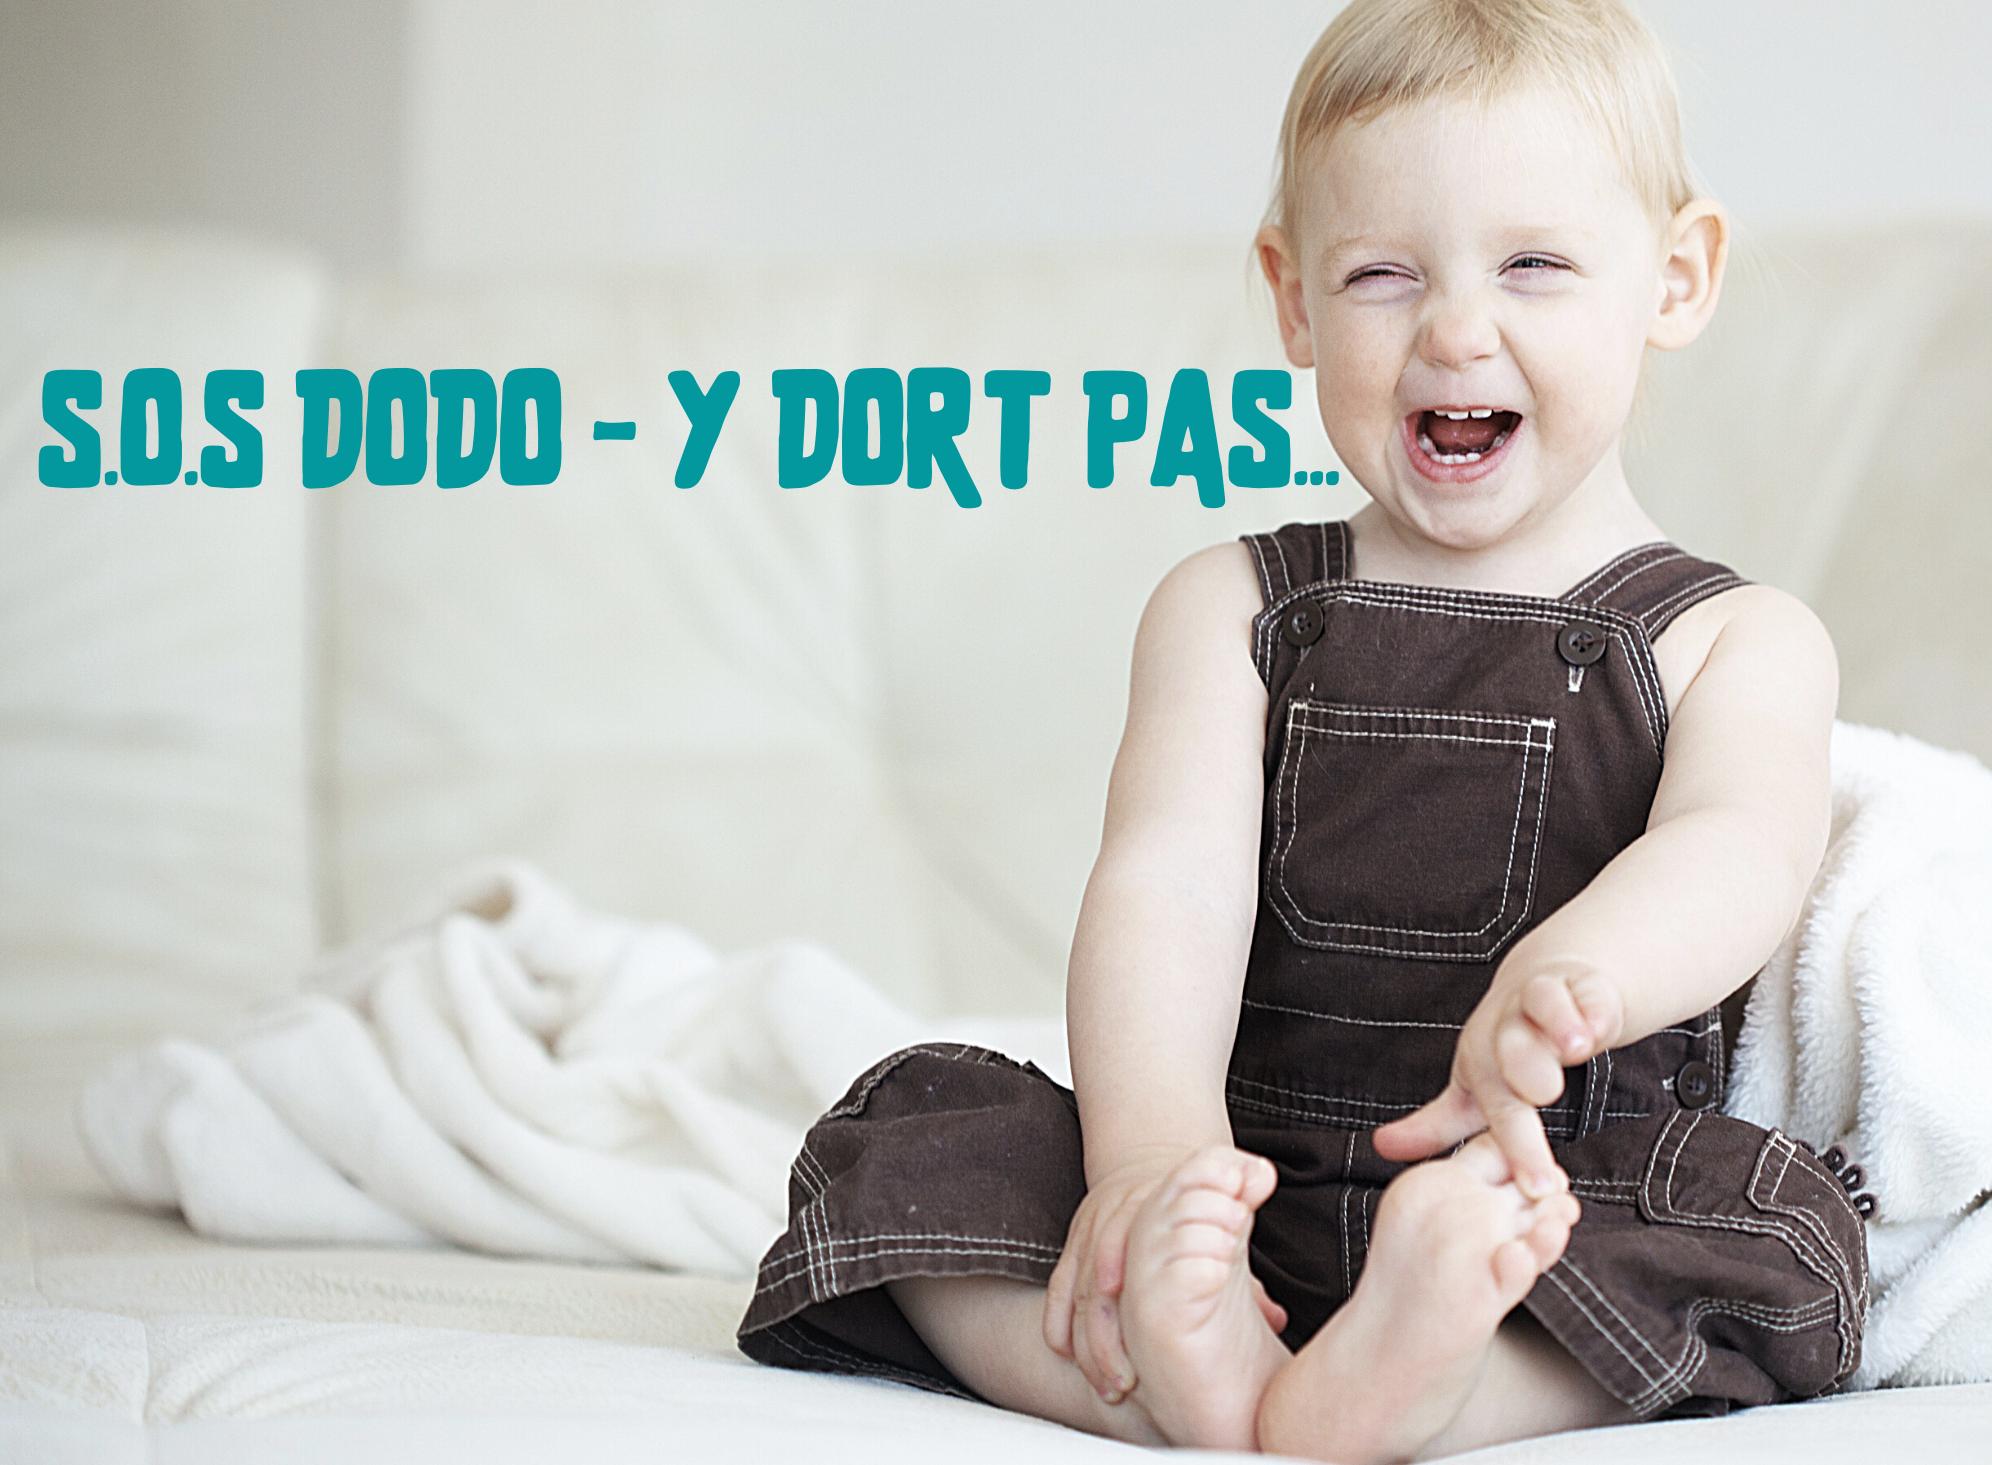 S.O.S DODO - Y DORT PAS...